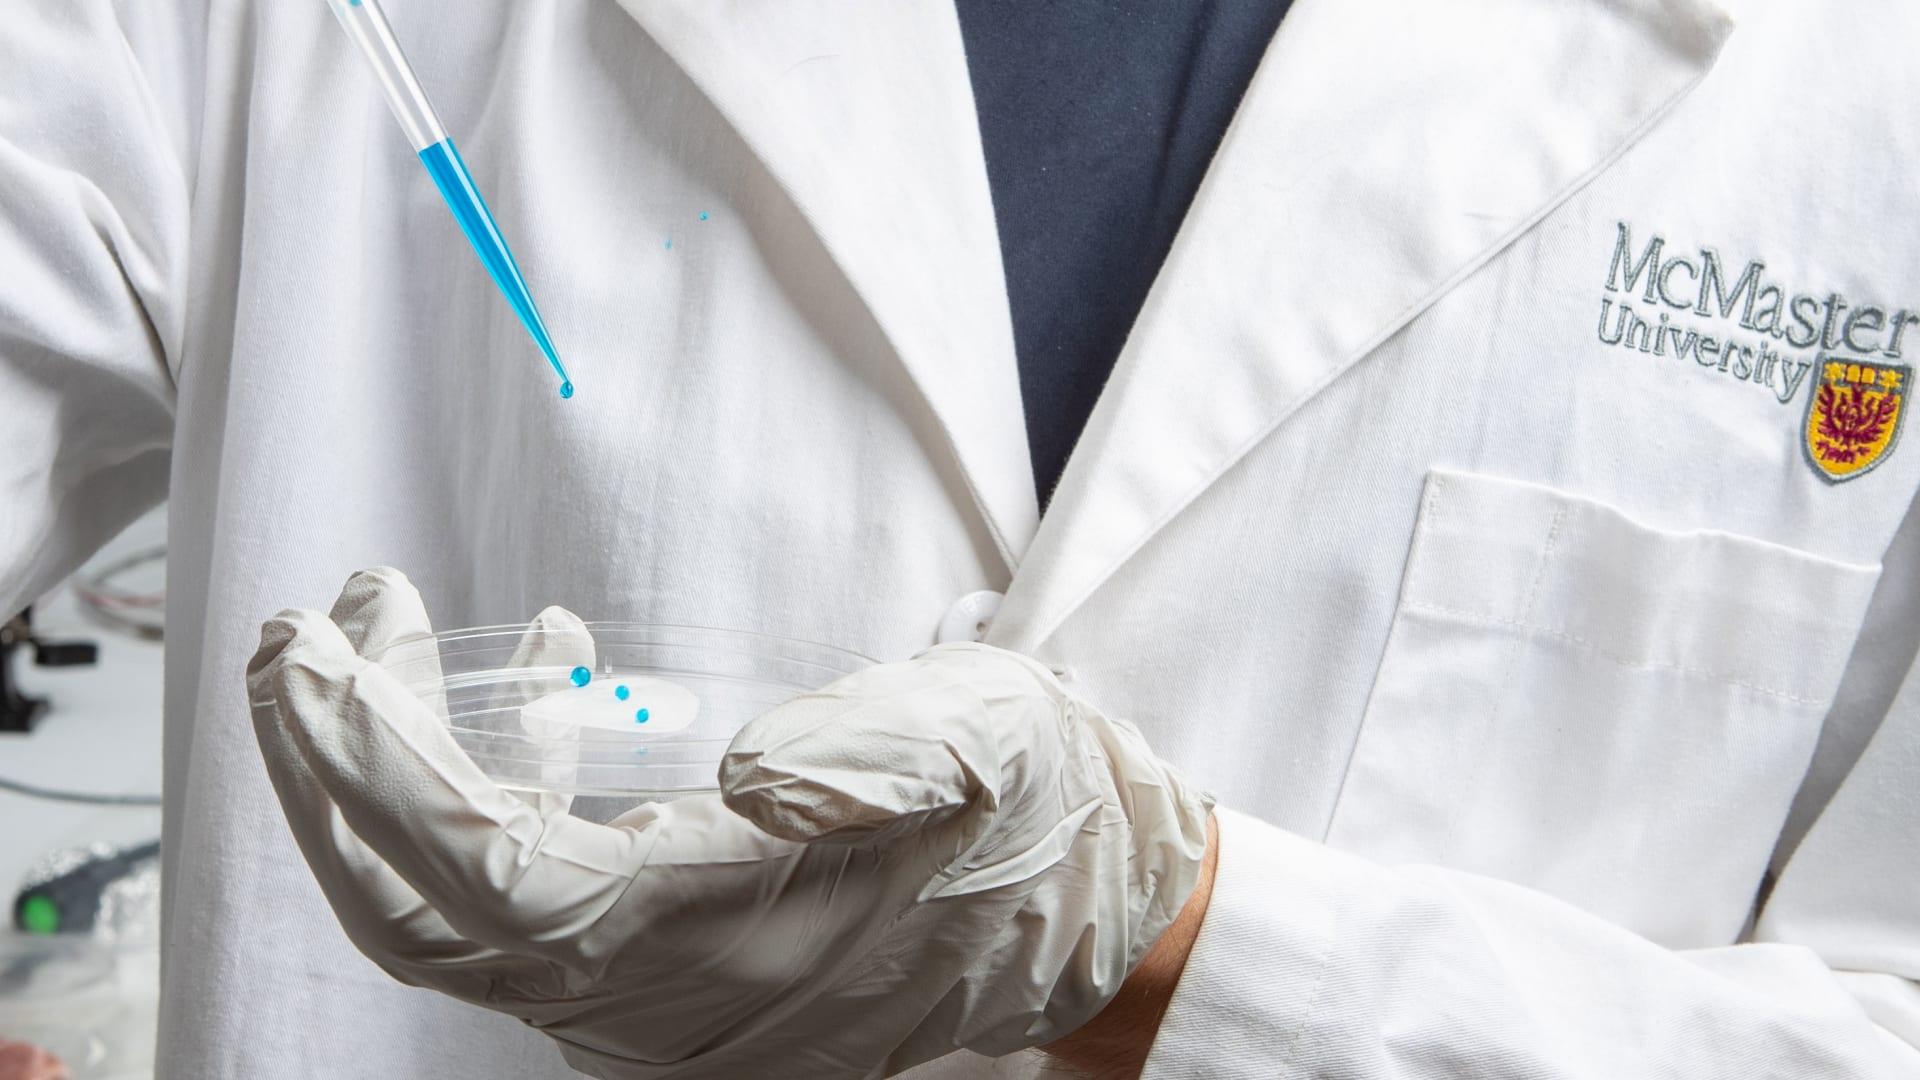 هل يمكن استخدام المضادات الحيوية للعلاج من مرض فيروس كورونا؟